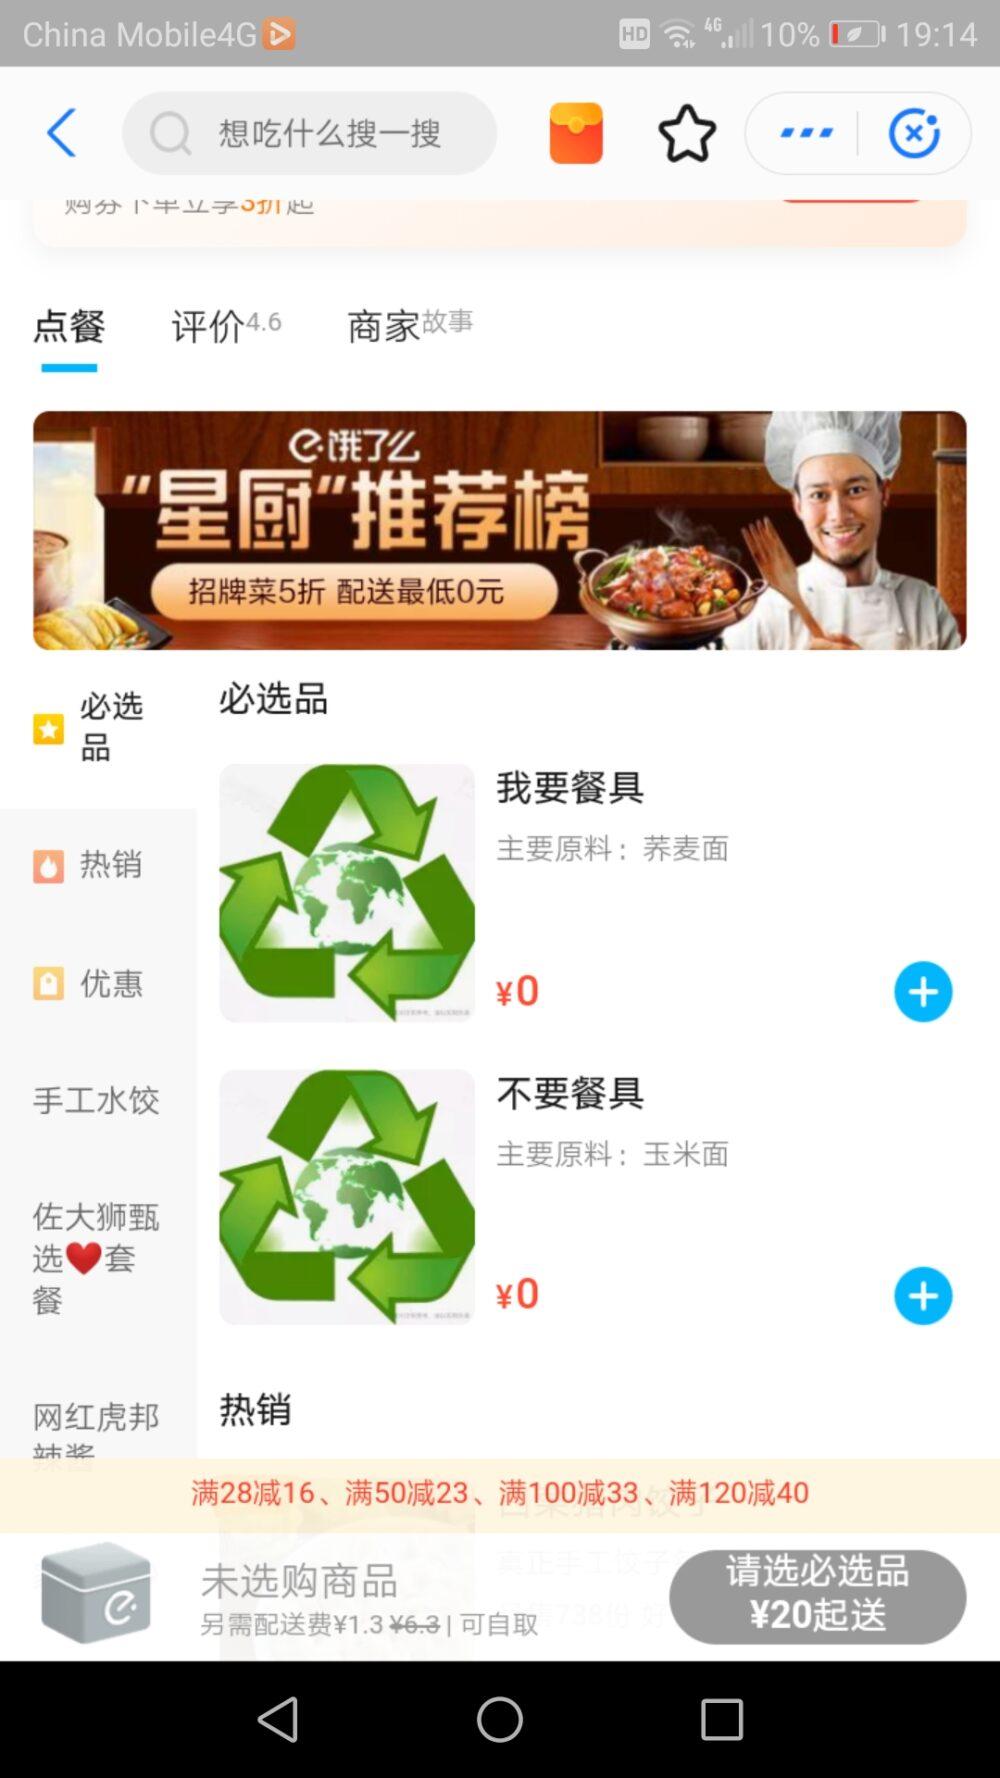 フードデリバリーアプリの饿了么のオプション選択画面のスクリーンショットした画像